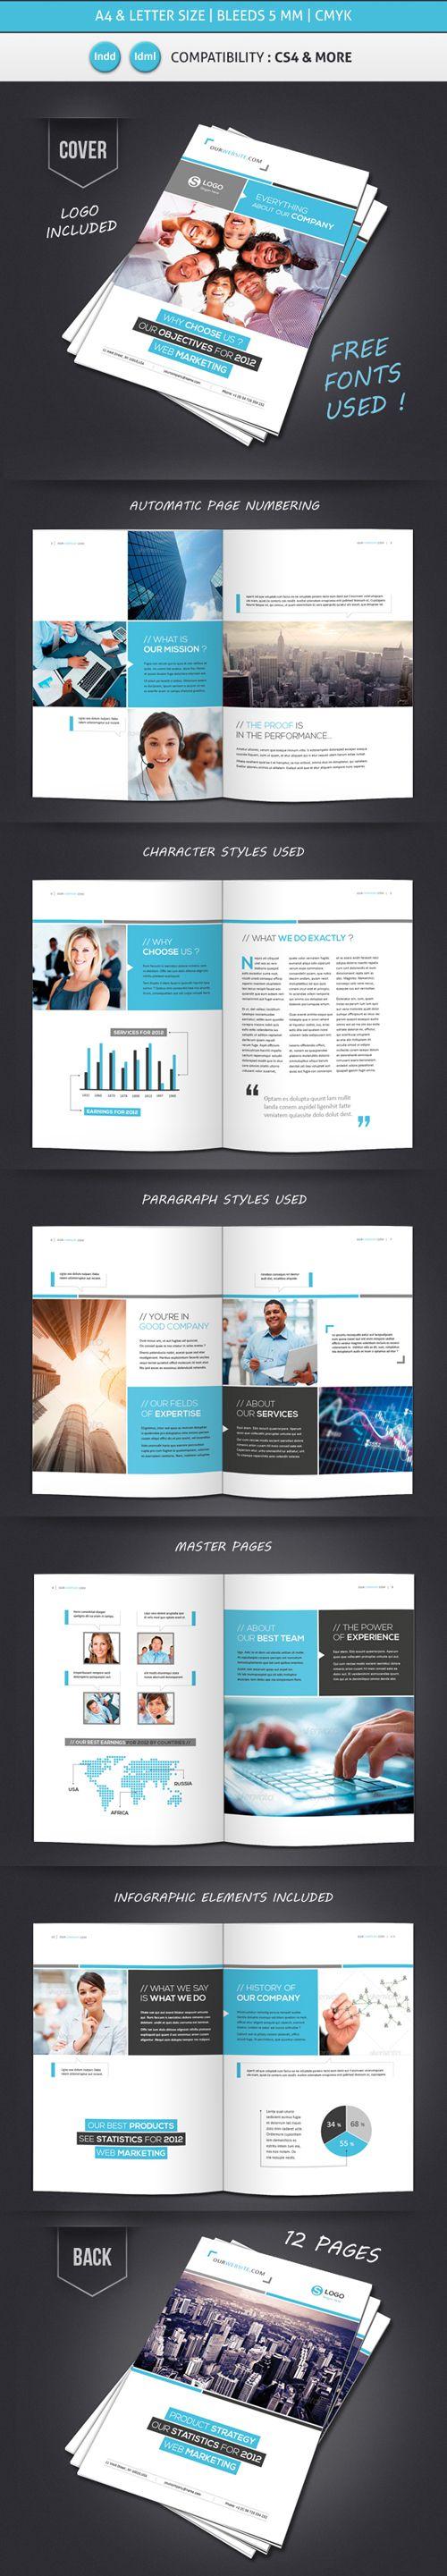 Business Brochure Template | Brochure & Flyer Designs | Pinterest ...